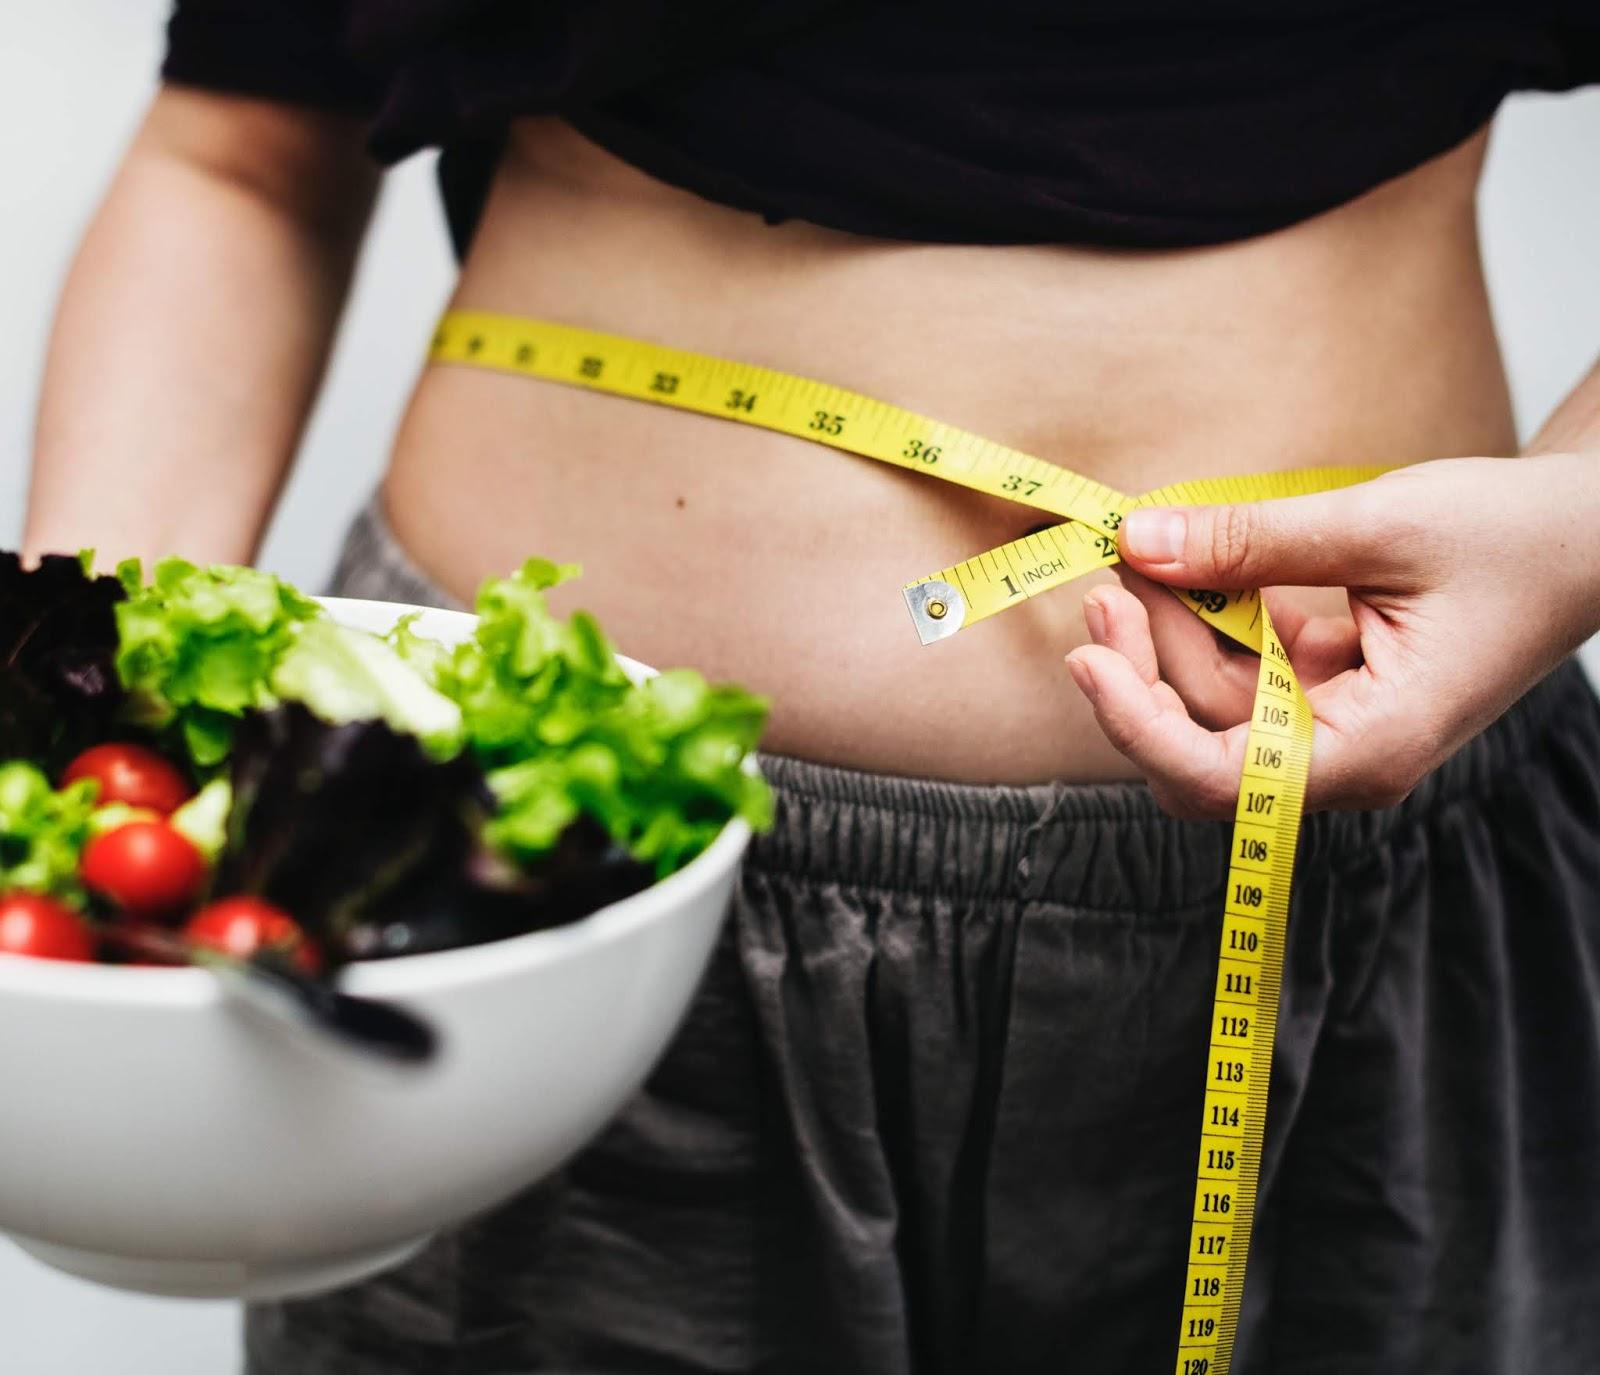 السمنة،الوزن الزائد،ريجيم